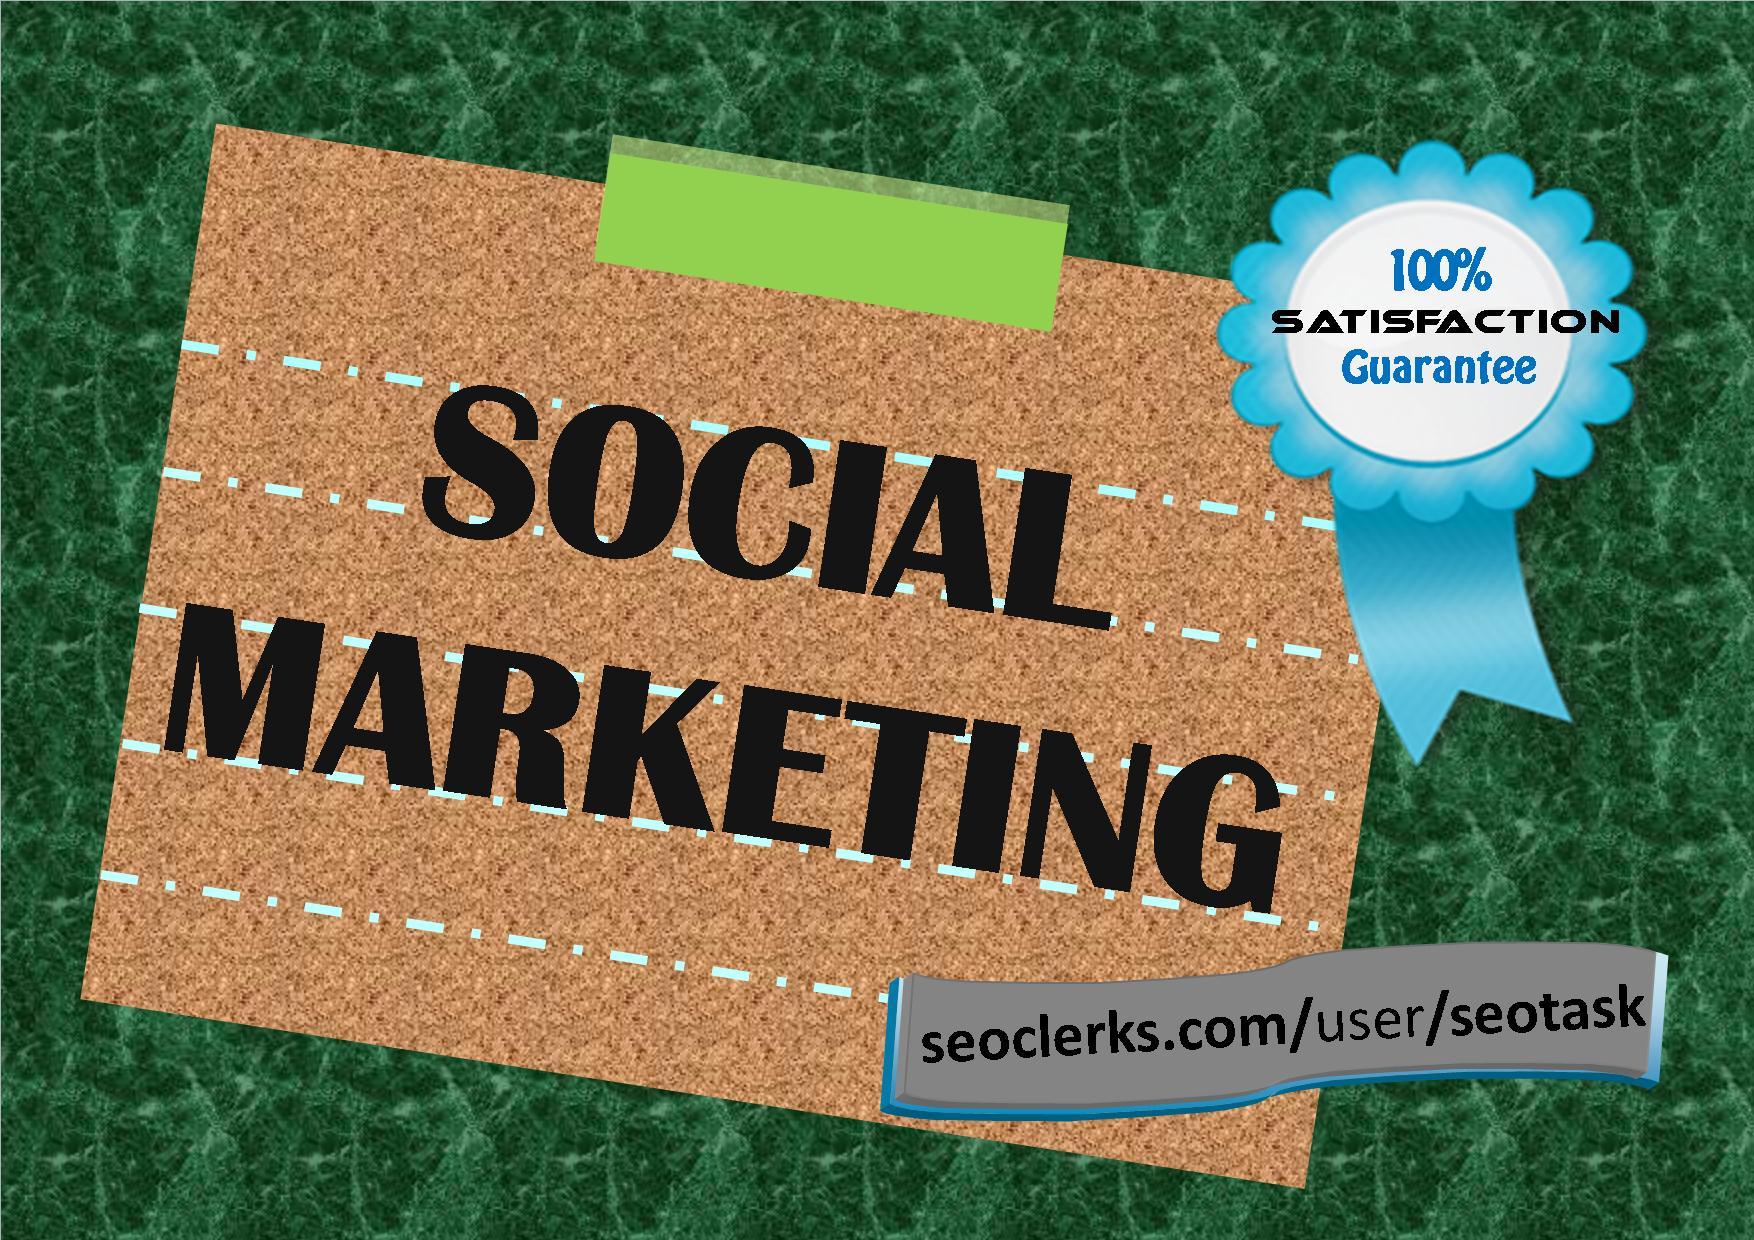 Get 1000+ Social Media Follower's Fast Service